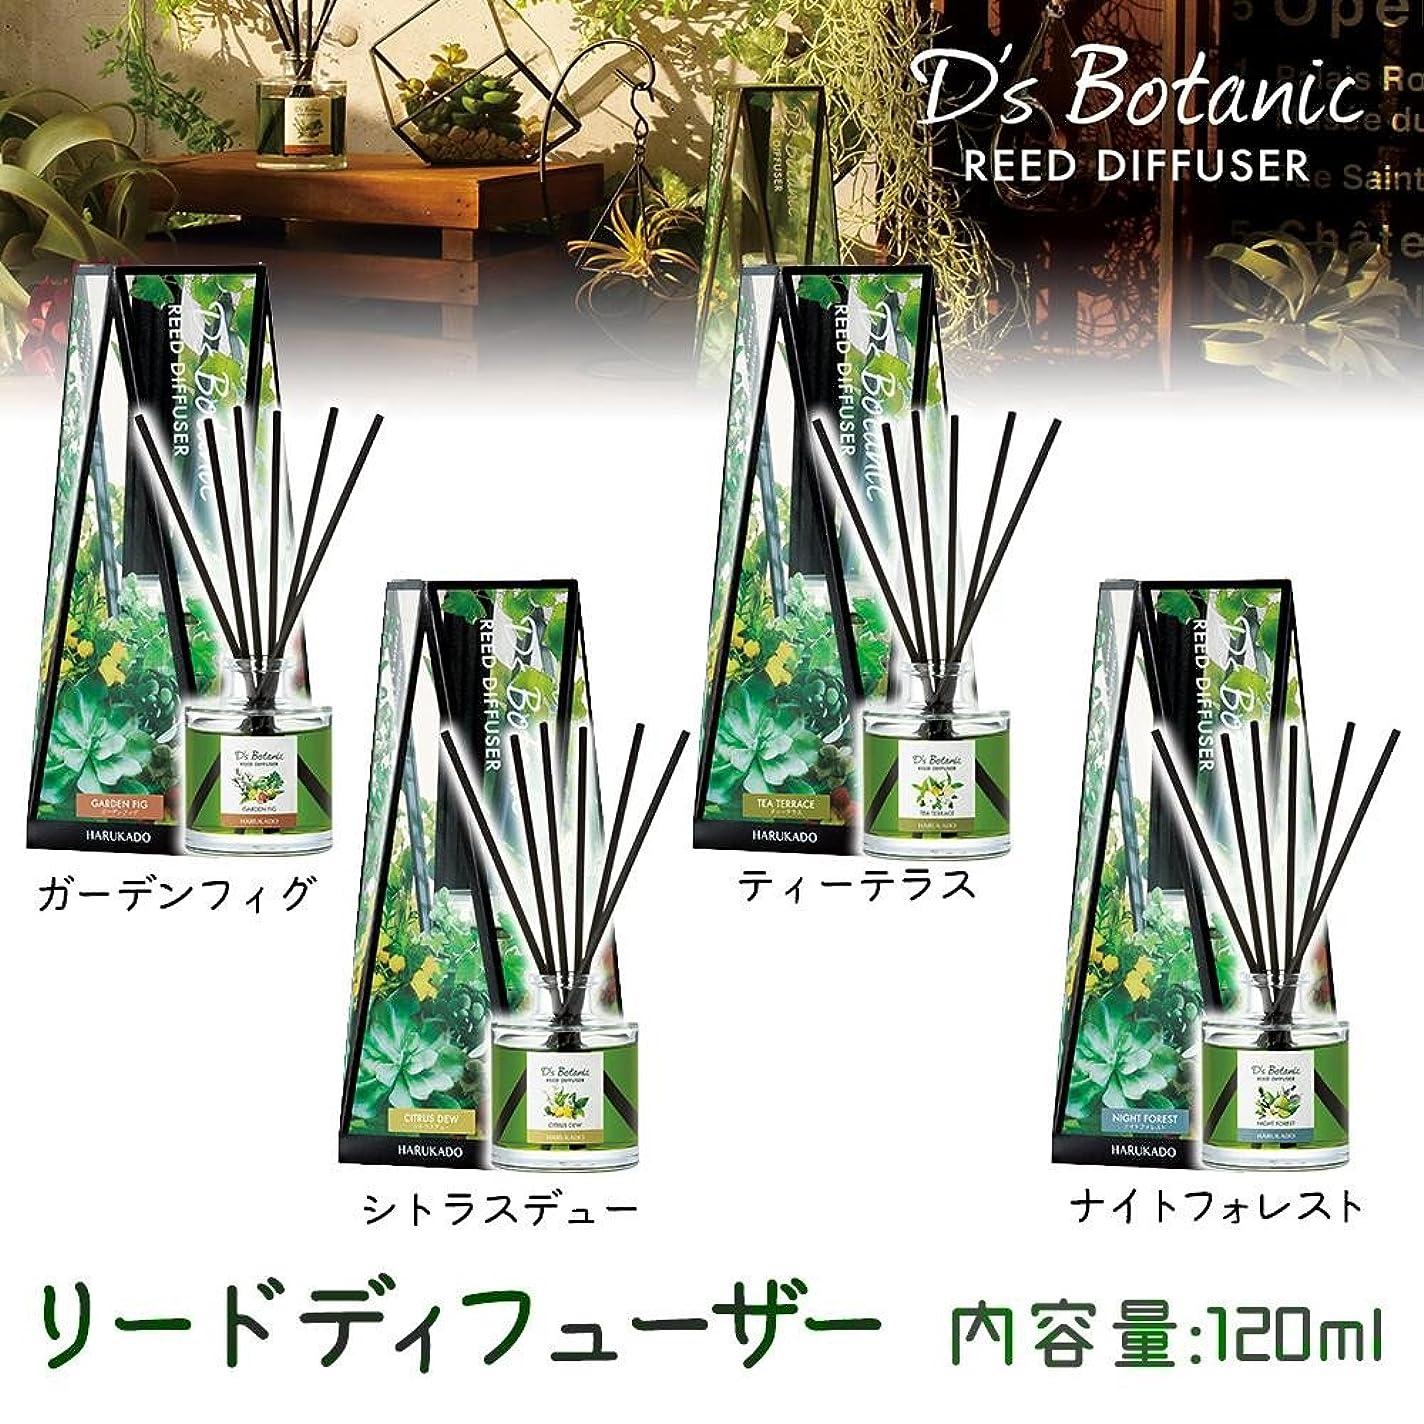 王子ランチョン制裁D'S Botanic(デイズボタニック) リードディフューザー ルームフレグランス 120ml シトラスデュー?6229【人気 おすすめ 】